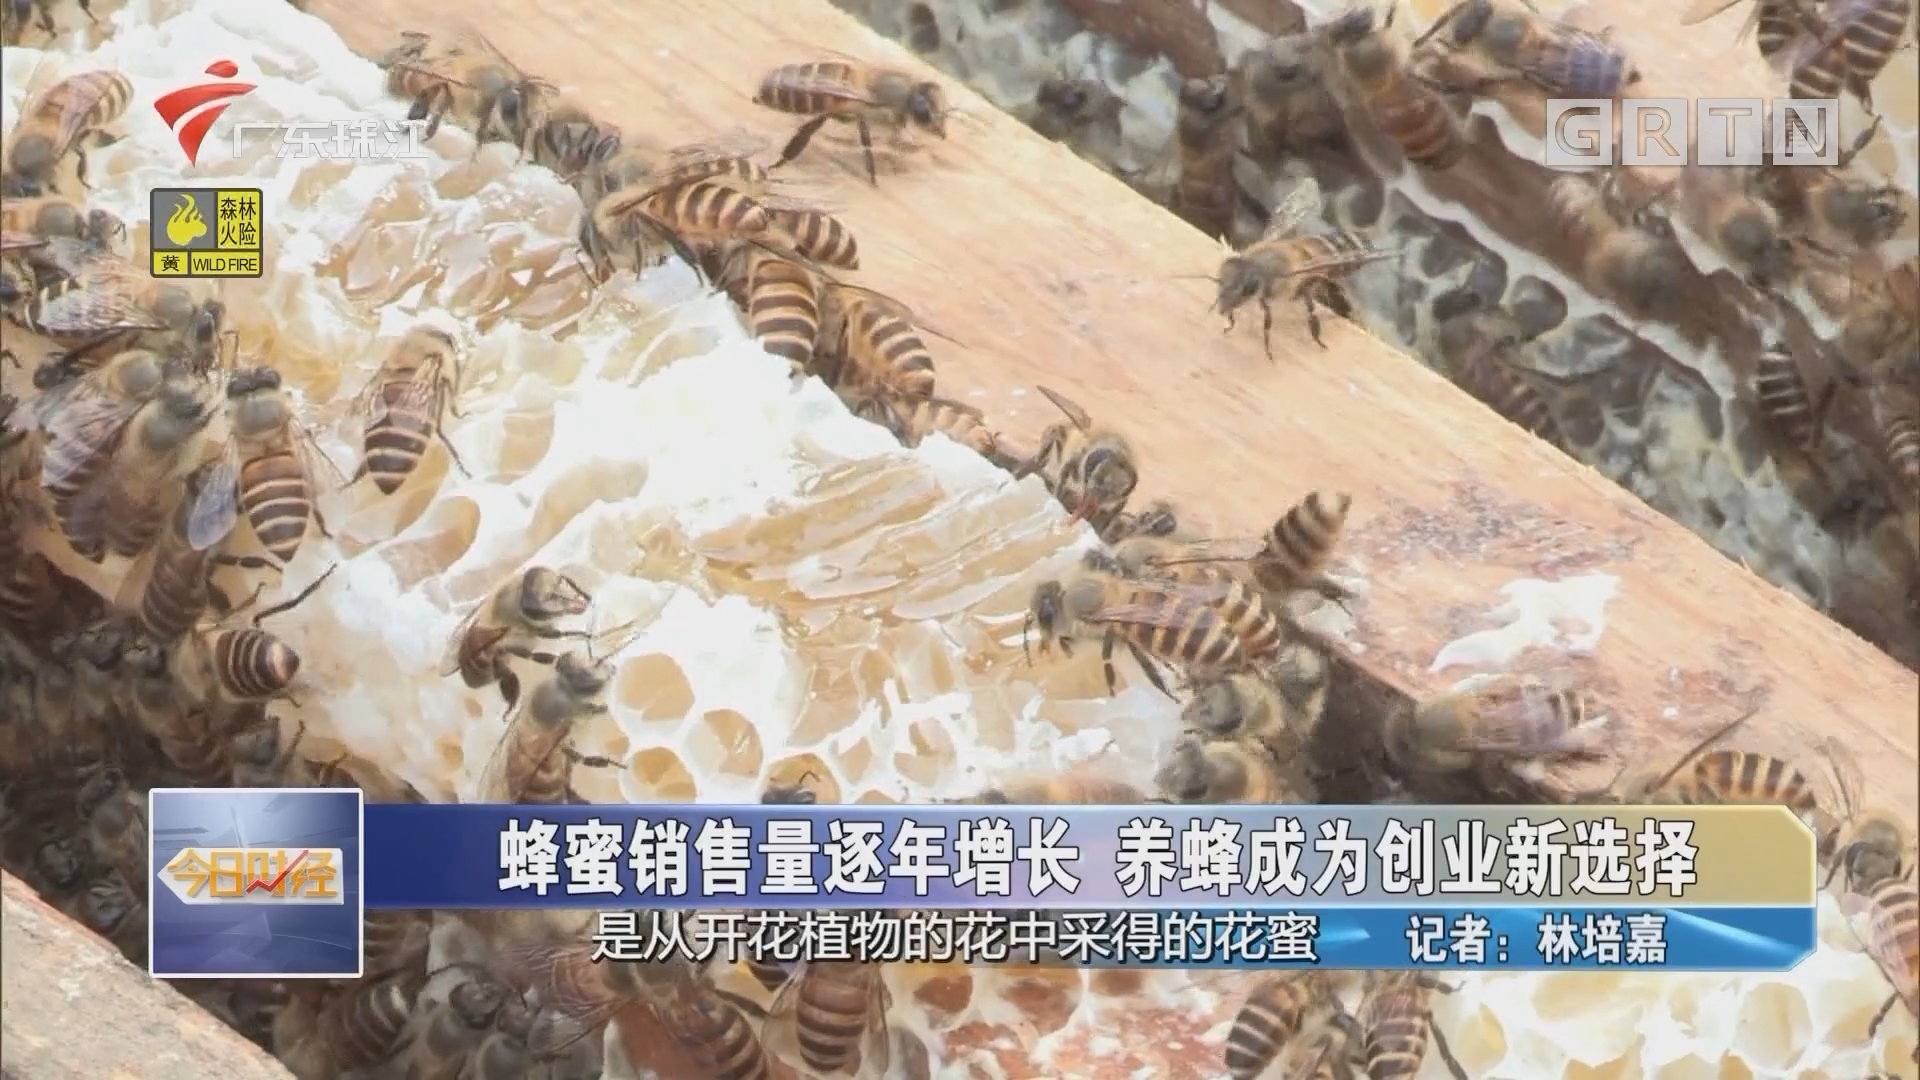 蜂蜜销售量逐年增长 养蜂成为创业新选择